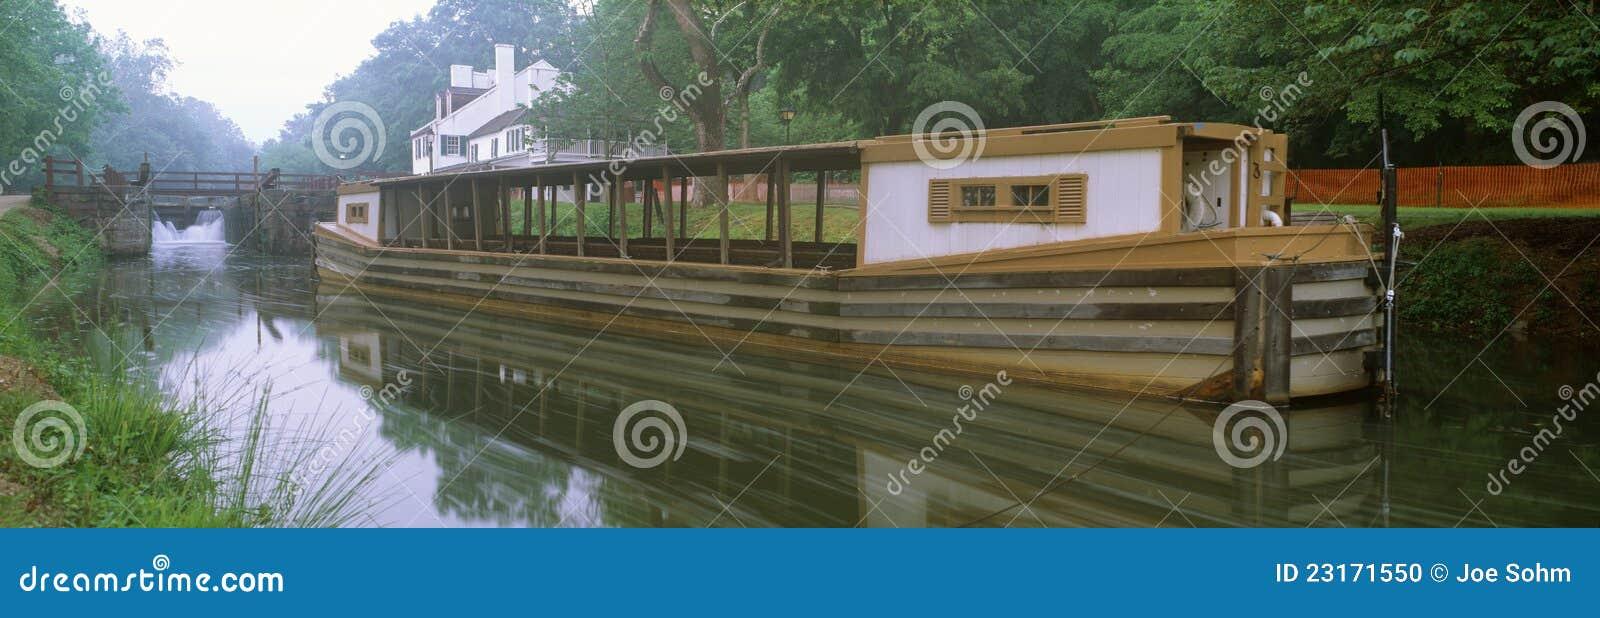 C&O-kanal och kanalfartyg